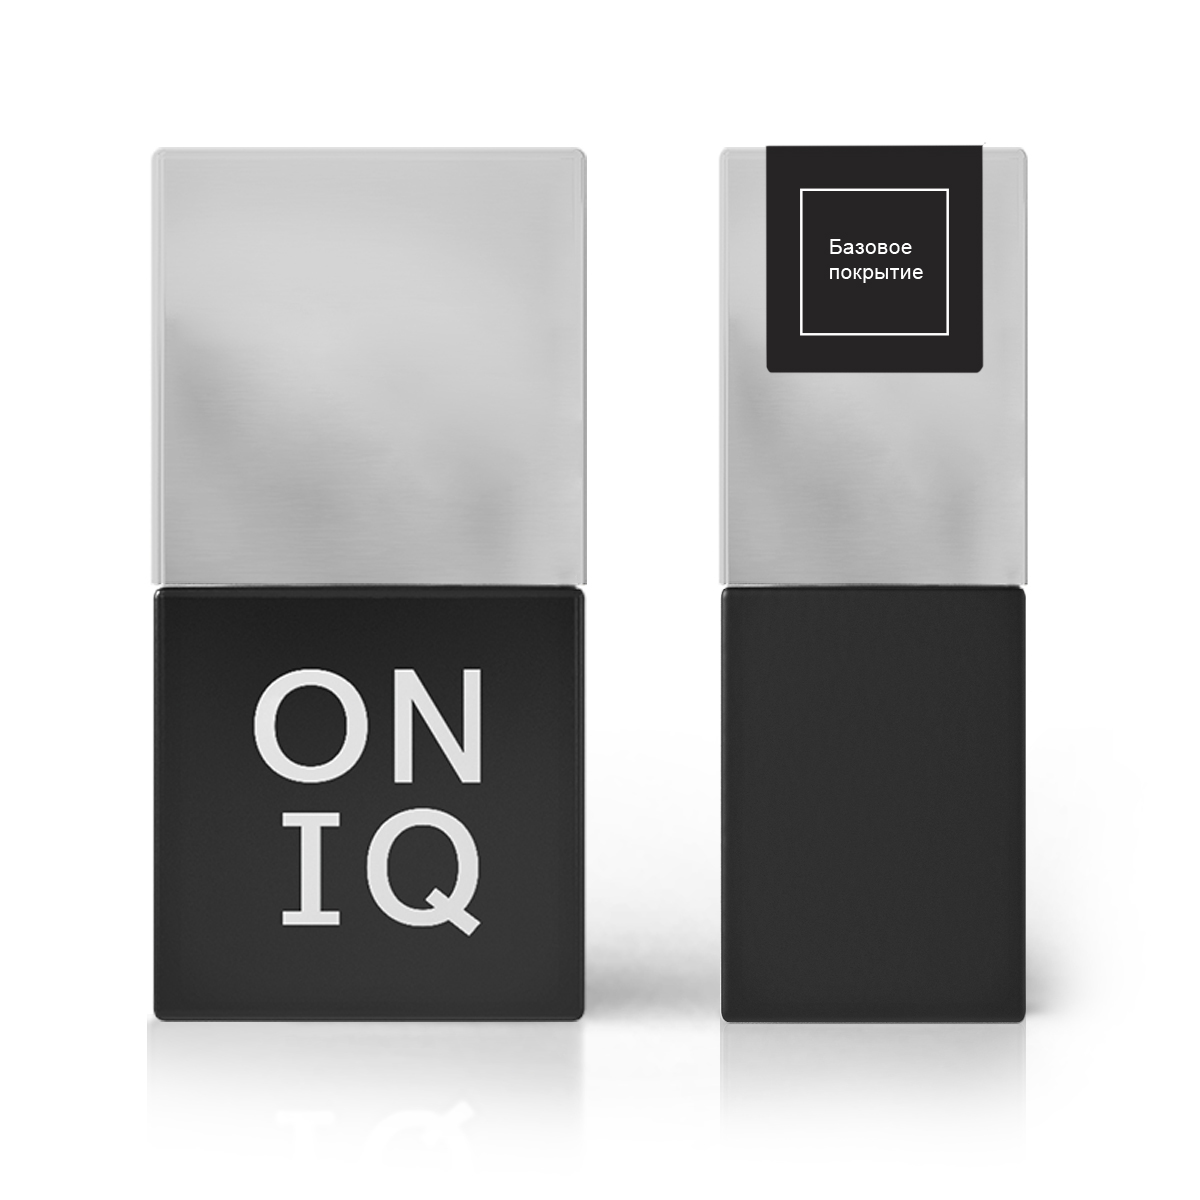 ONIQ Покрытие базовое 10 мл -  Базовые покрытия